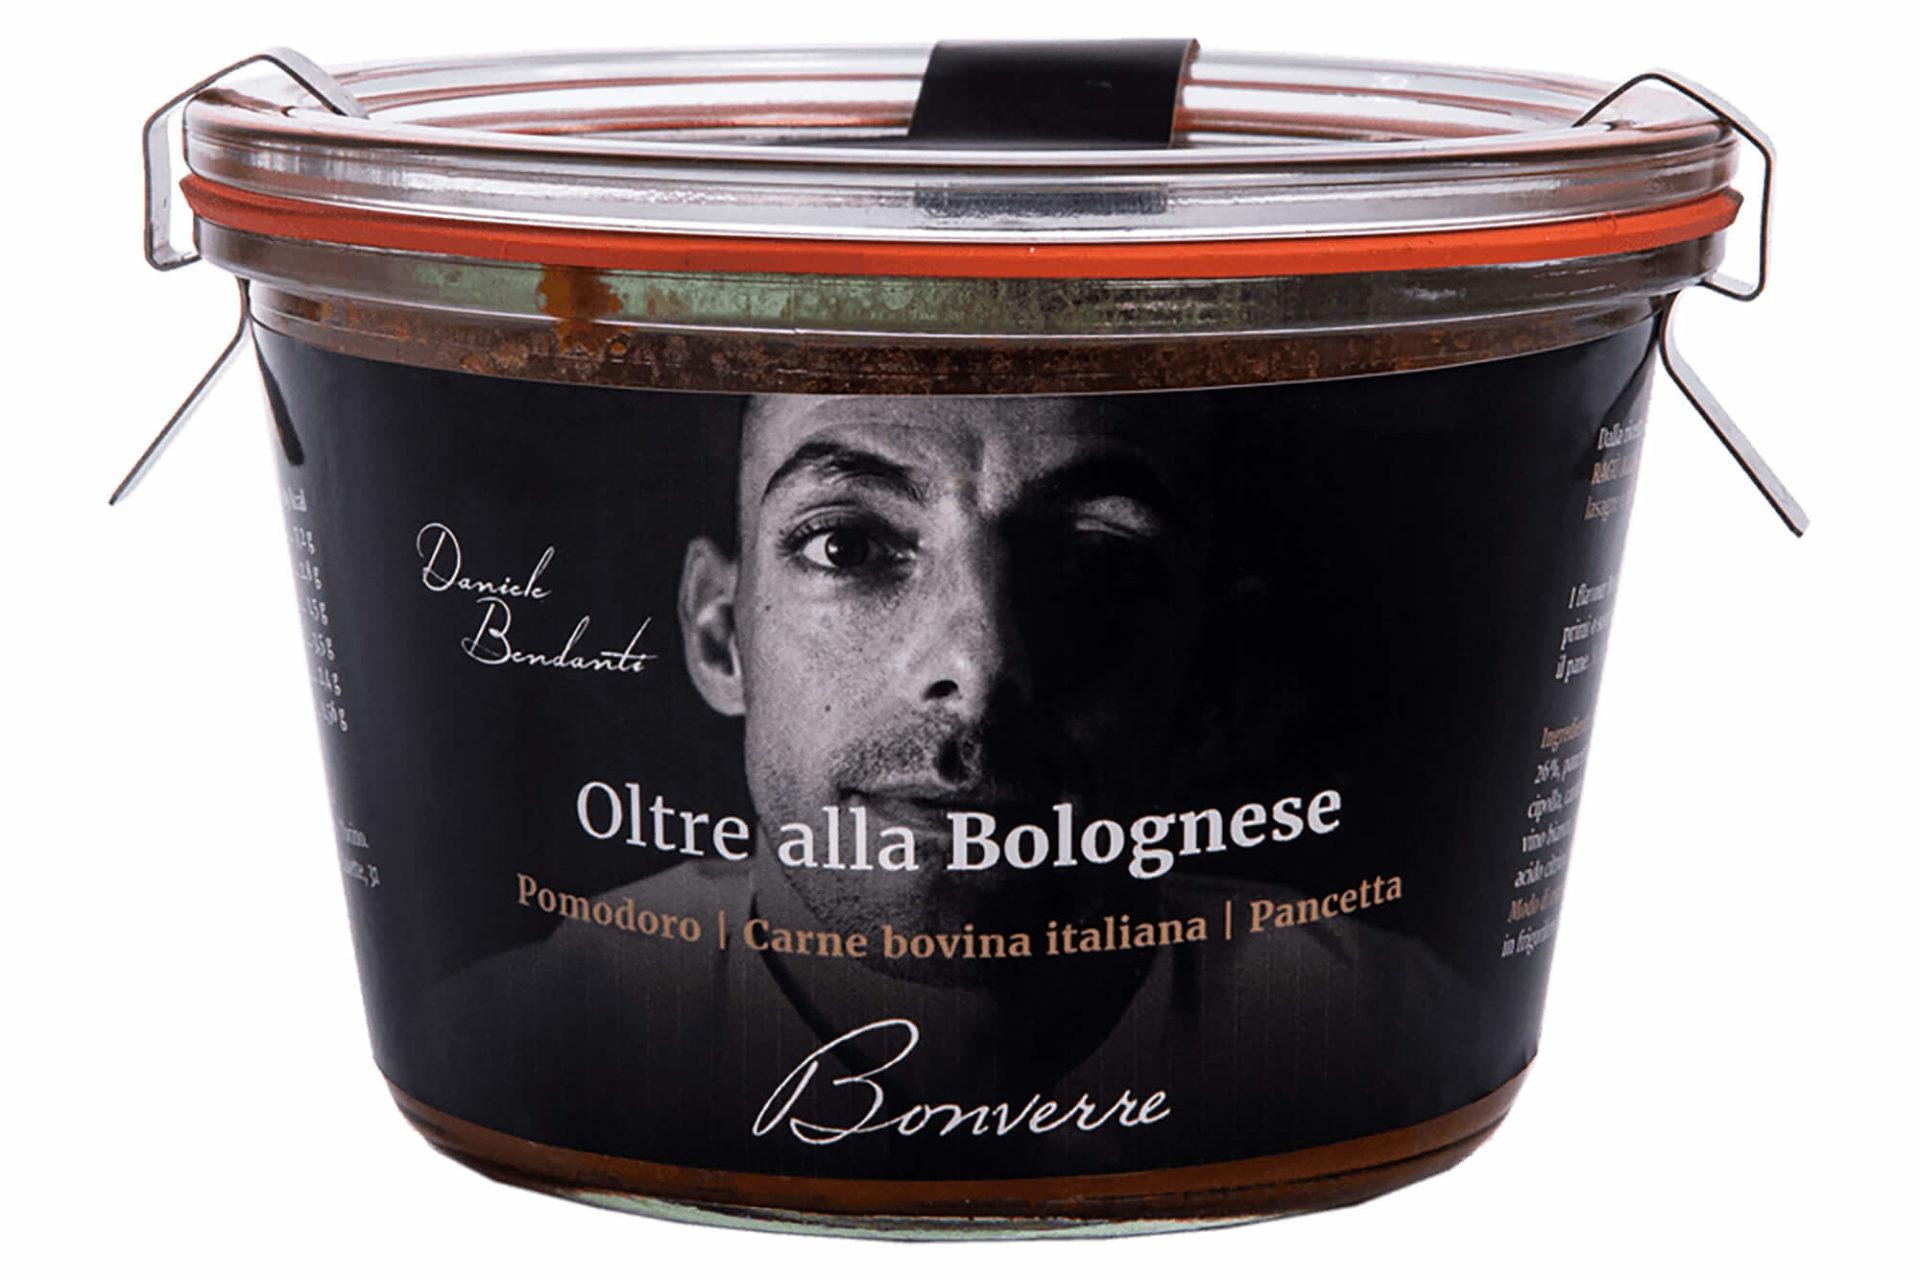 Daniele_Bendanti_Oltre_alla_Bolognese